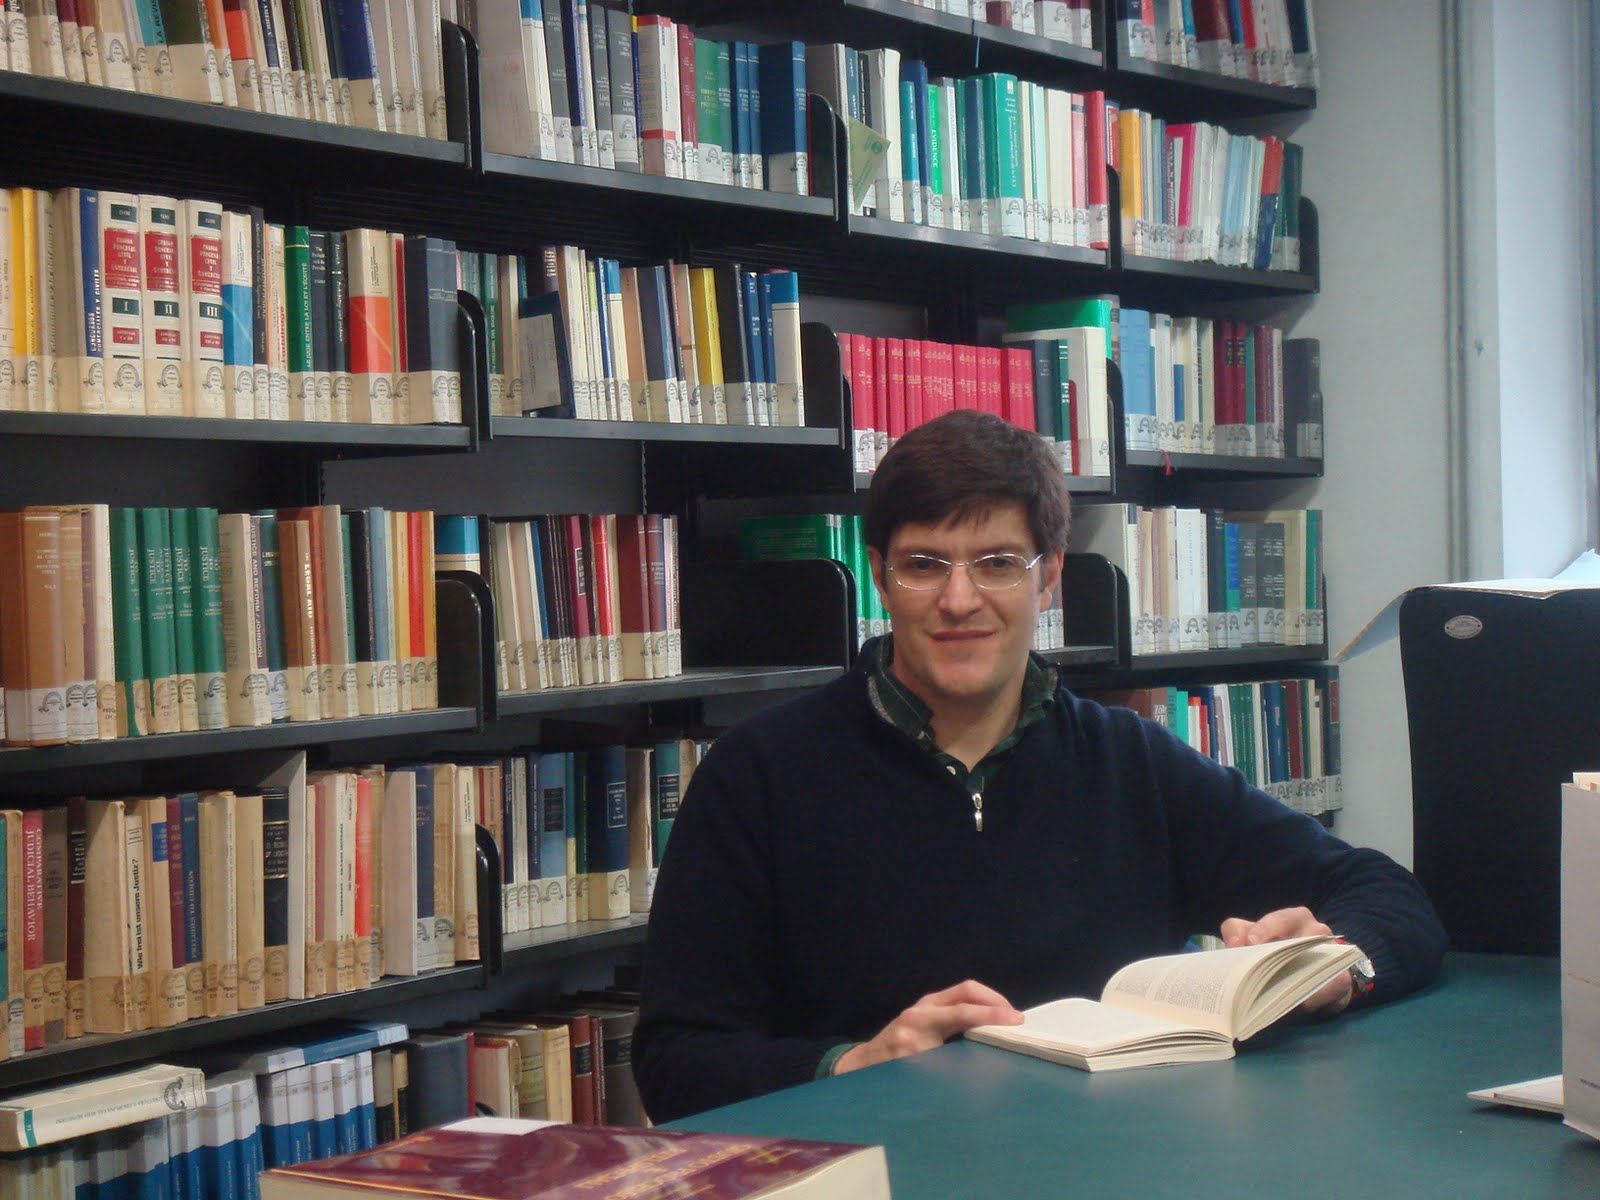 8b6339c7fbd Zaneti realiza seus estudos de pós-doutorado com orientação do prestigiado  processualista Sergio Chiarloni. A tese será desenvolvida no sentido de ...